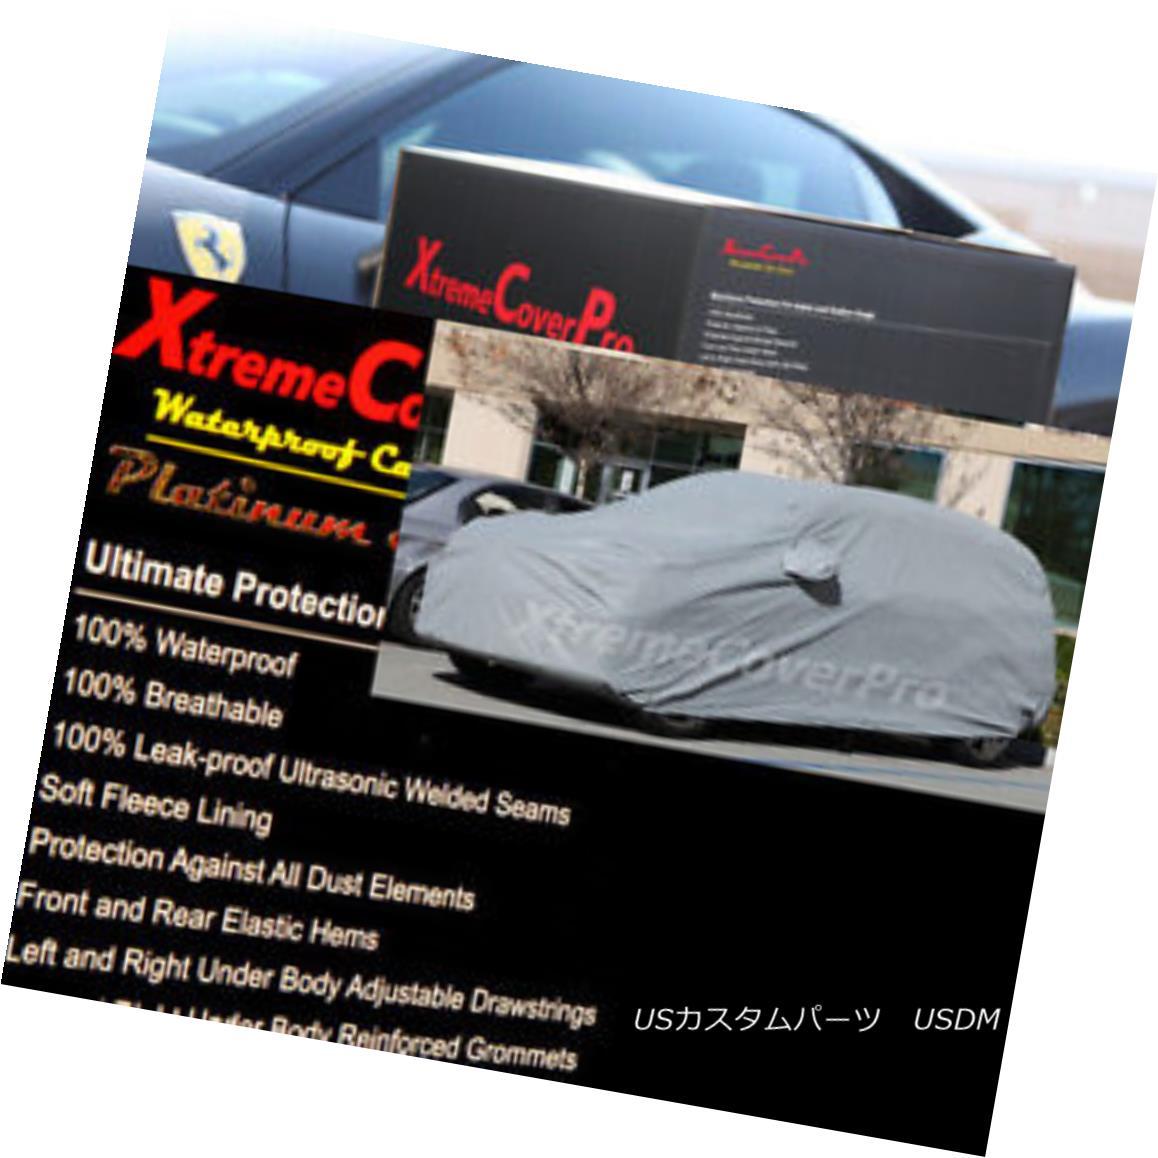 カーカバー 2005 2006 2007 Chrysler Town & Country Waterproof Car Cover w/MirrorPocket 2005年2006年2007年クライスラータウン& MirrorPocket付きカントリー防水カーカバー